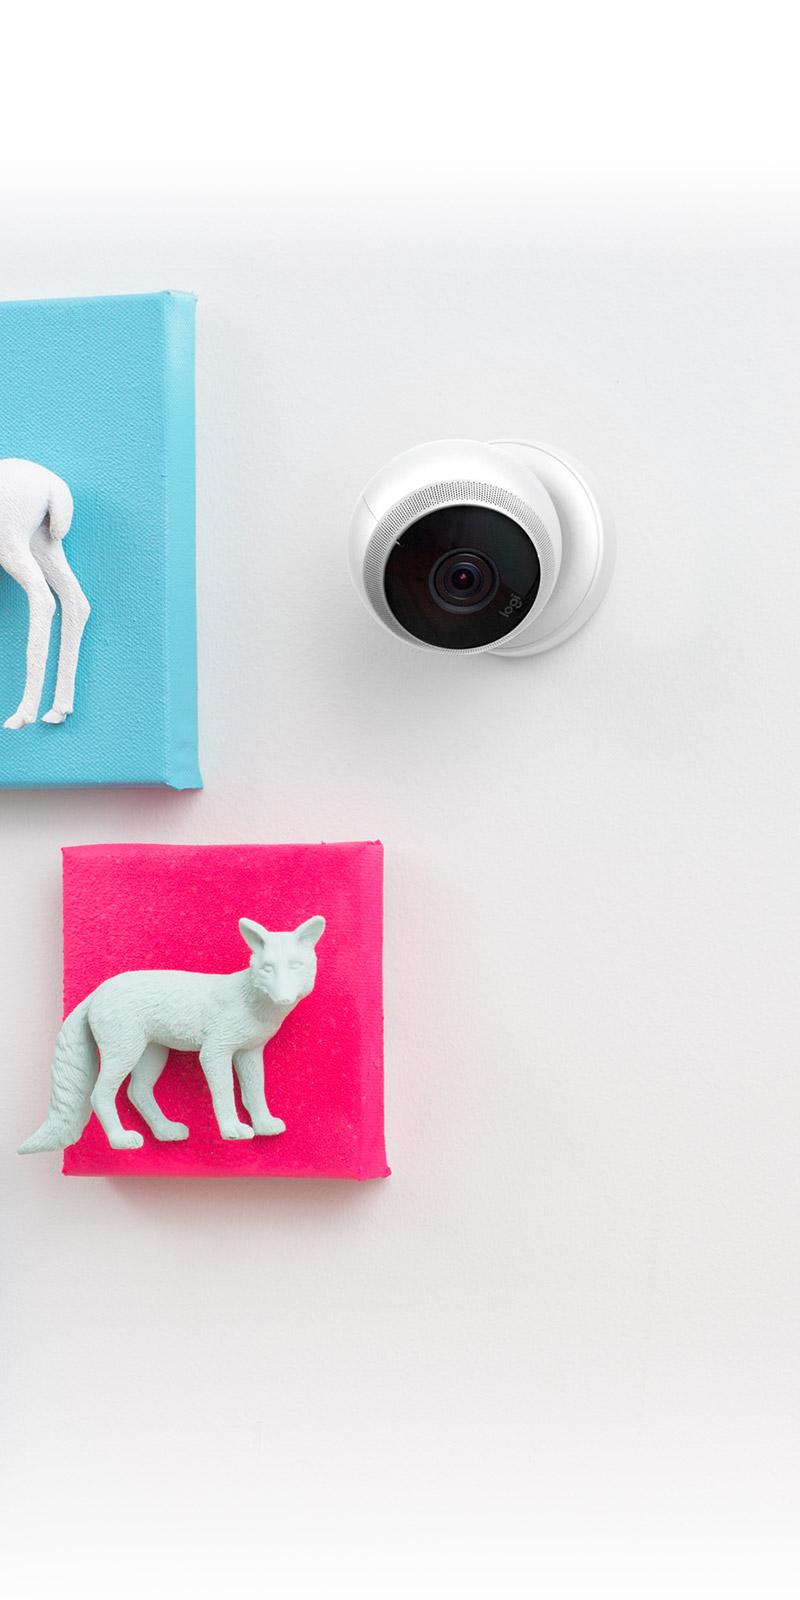 circle home camera wall mount